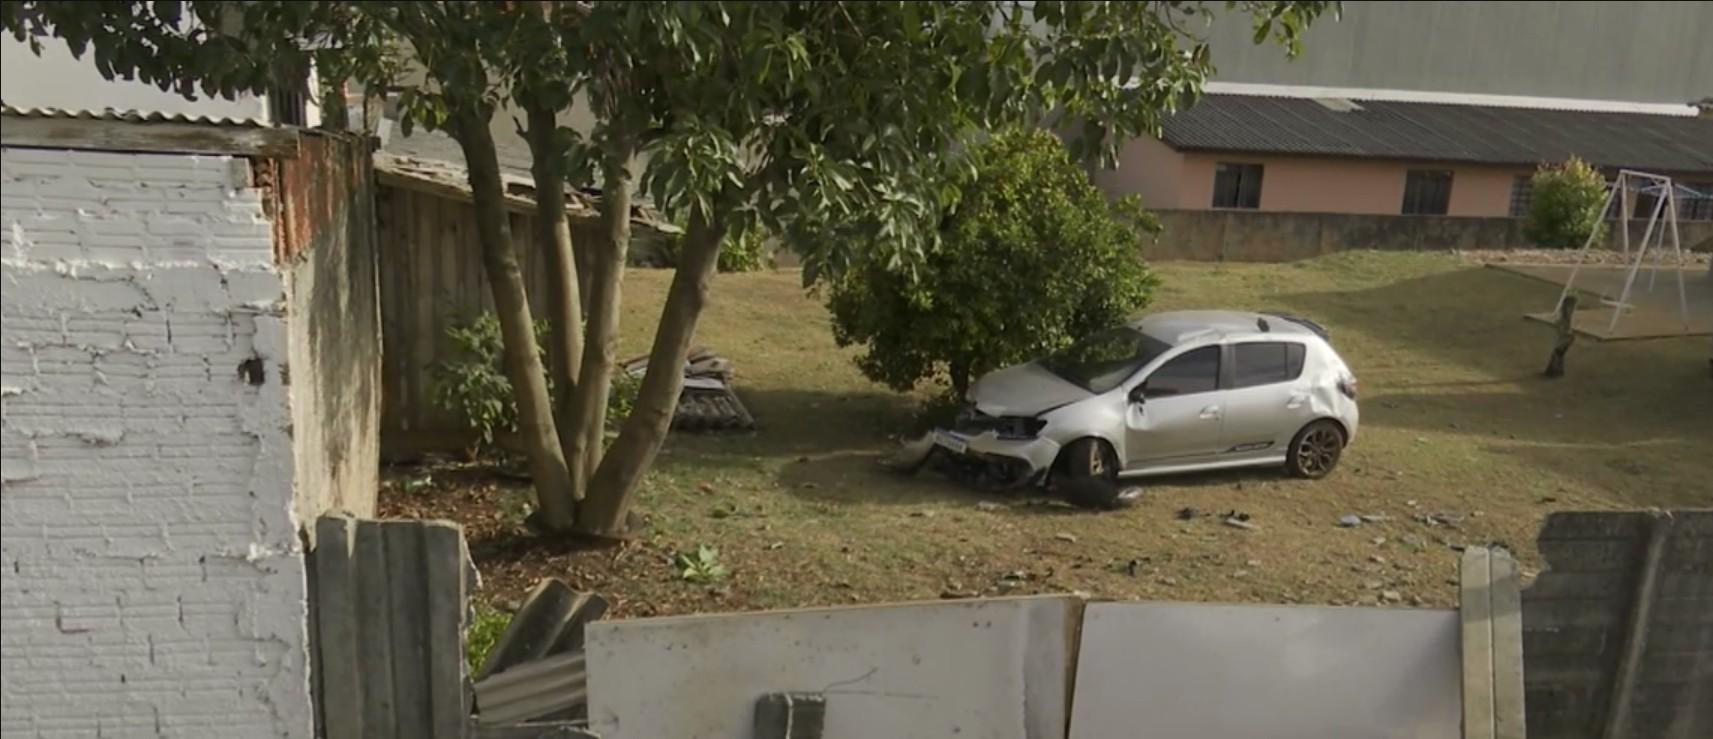 Carro atravessa canteiro central de rua e invade terreno de casa, em Ponta Grossa; VÍDEO